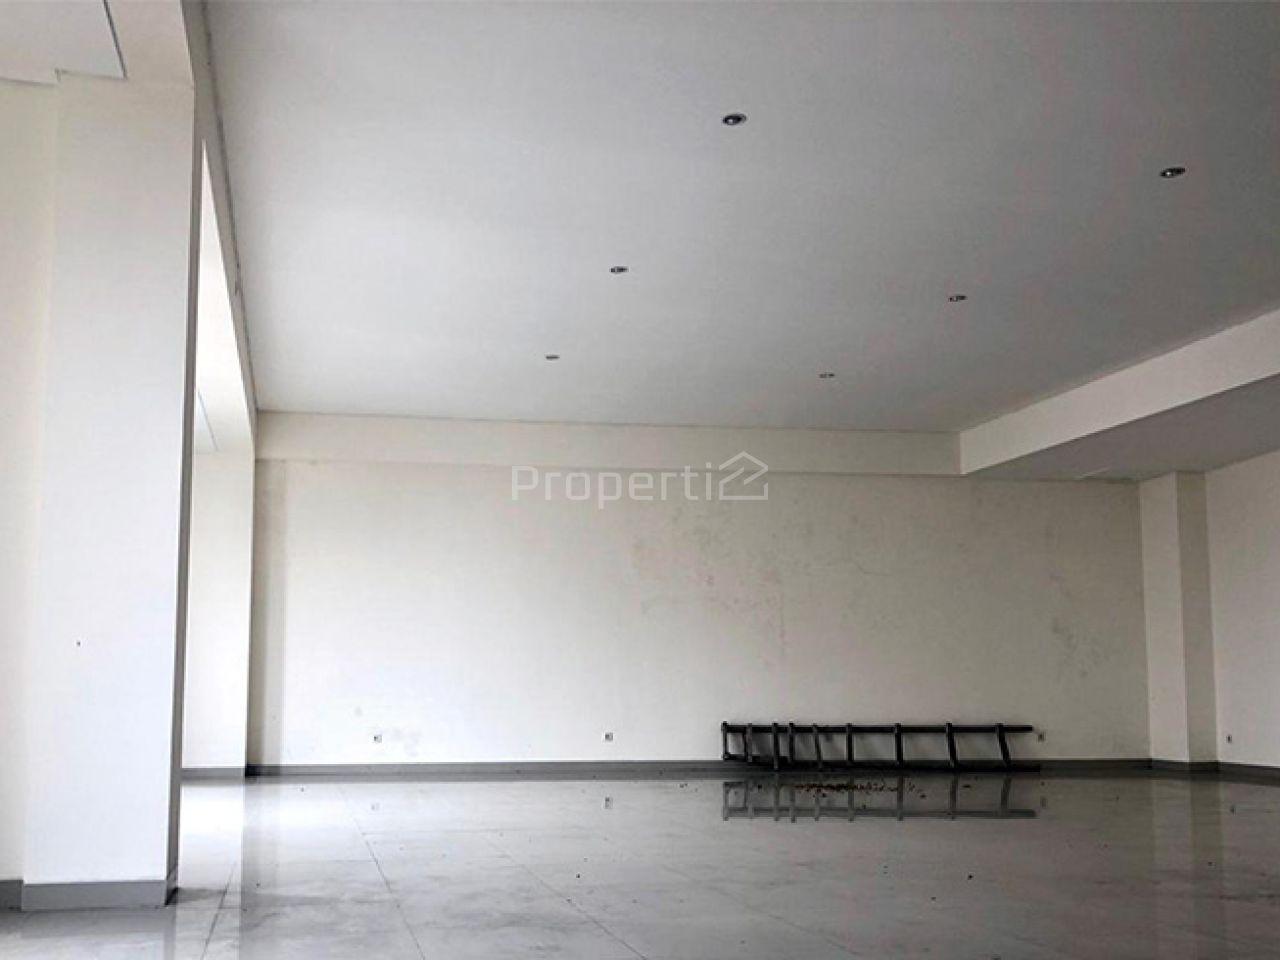 Ruko Baru di Jl. Moch. Toha, Kota Bandung, Kota Bandung